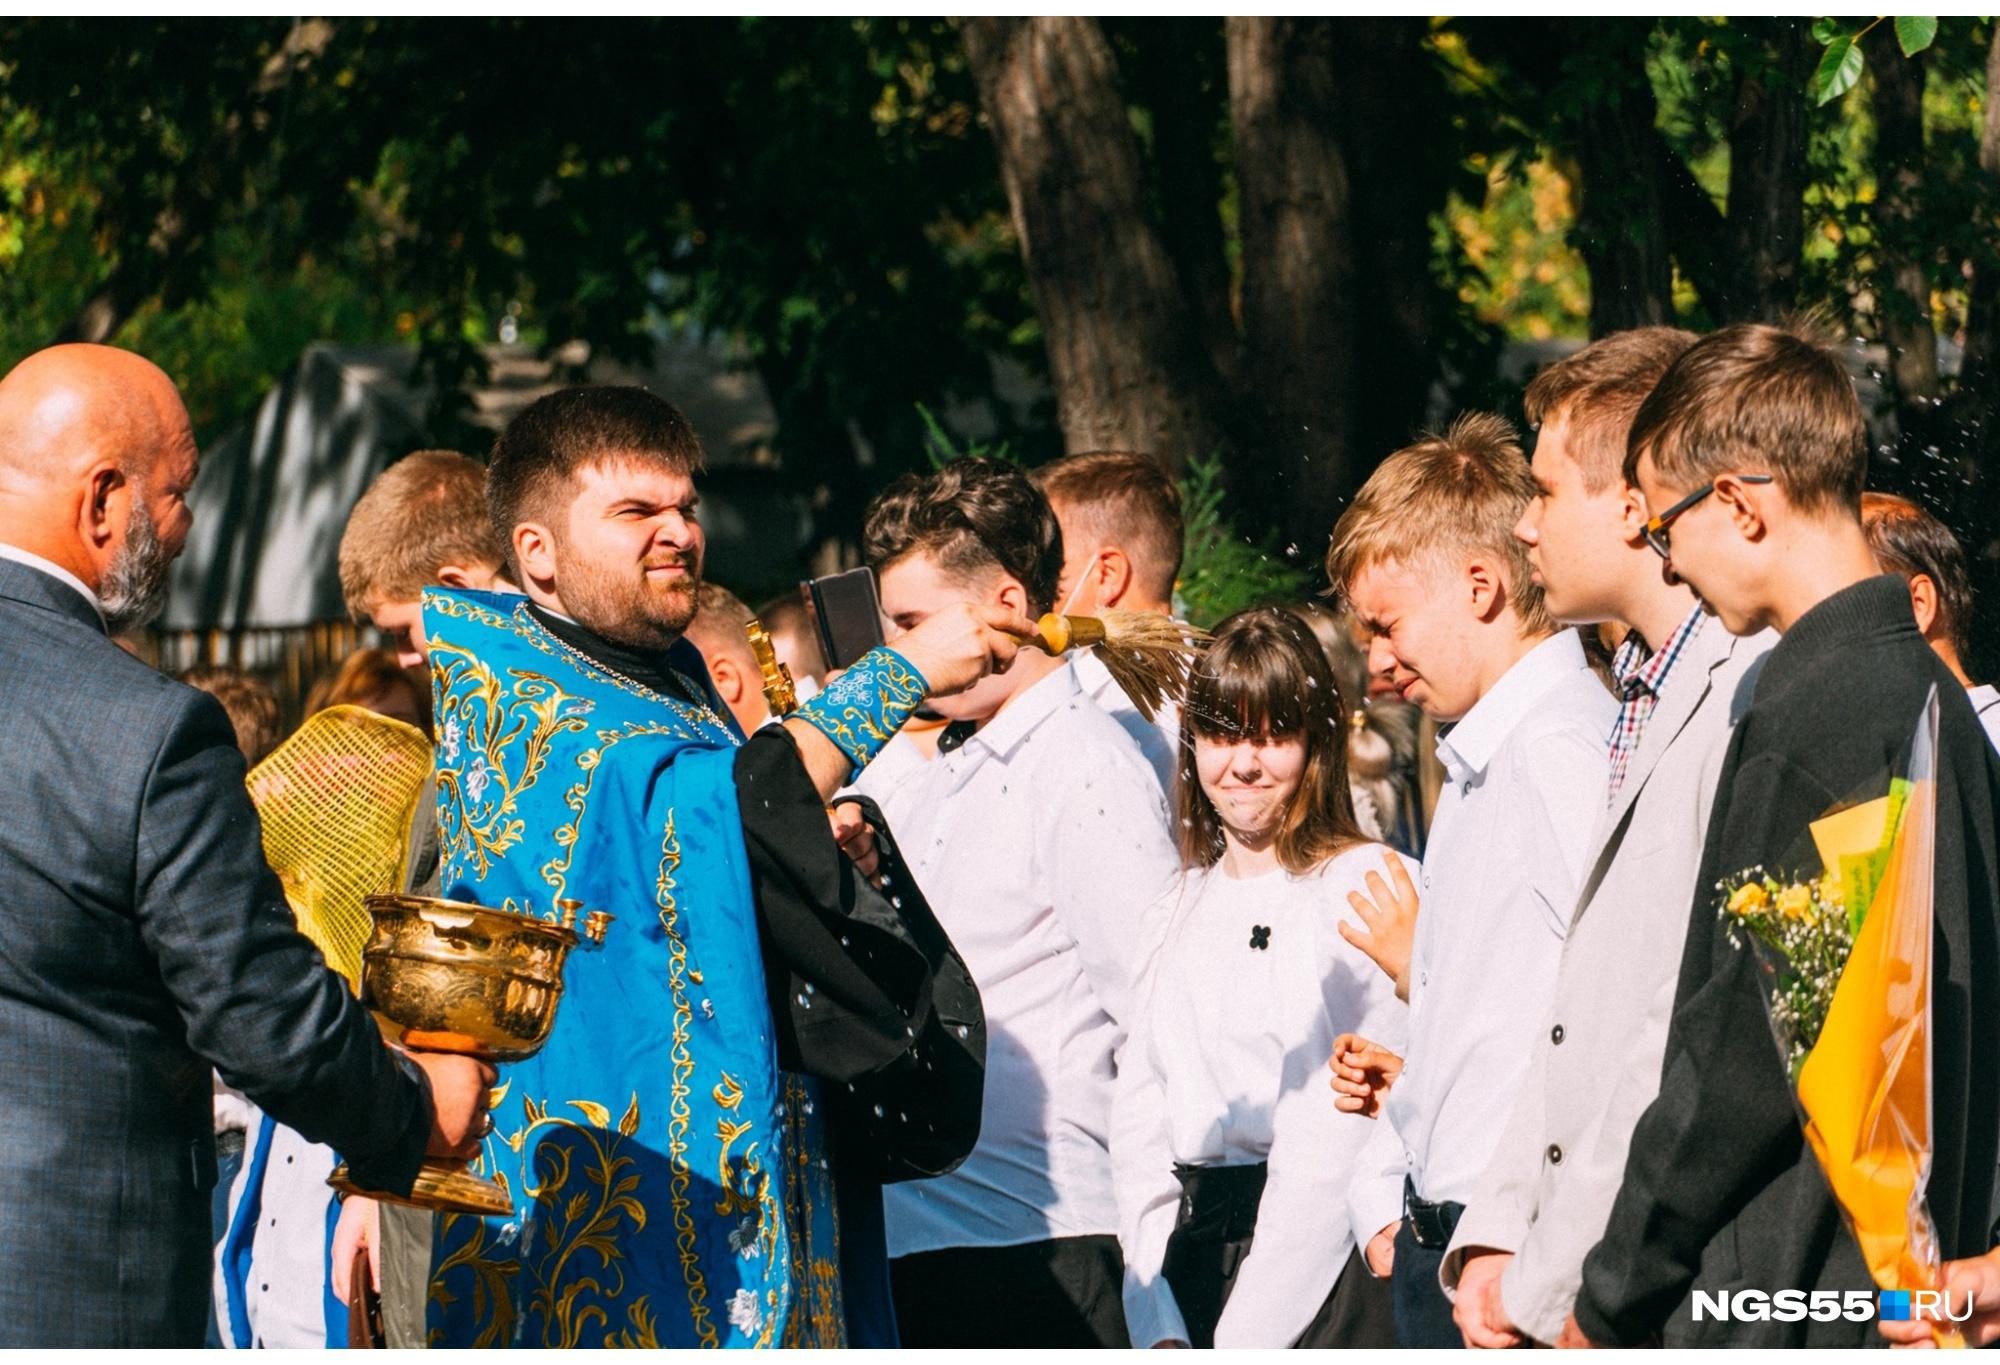 Омские школьники будут учиться с божьей помощью